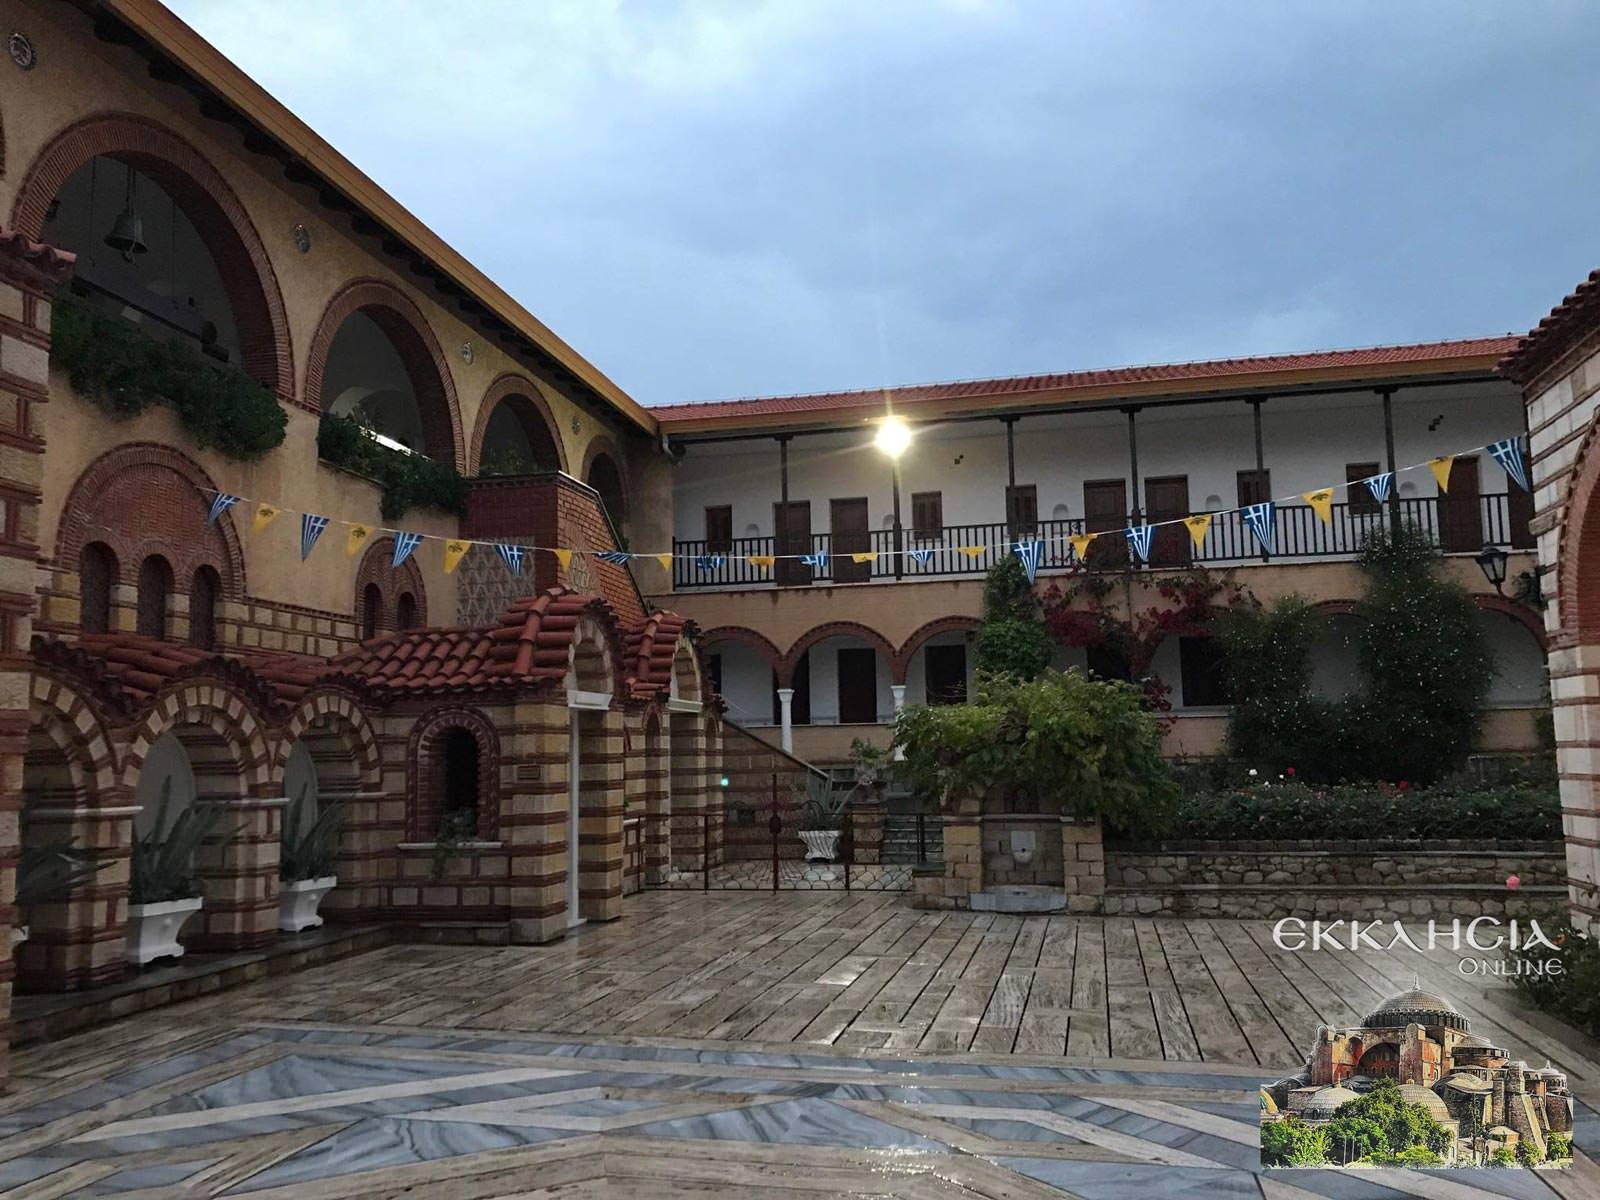 Μοναστήρι Εισοδίων Θεοτόκου Μαρκόπουλο 2019